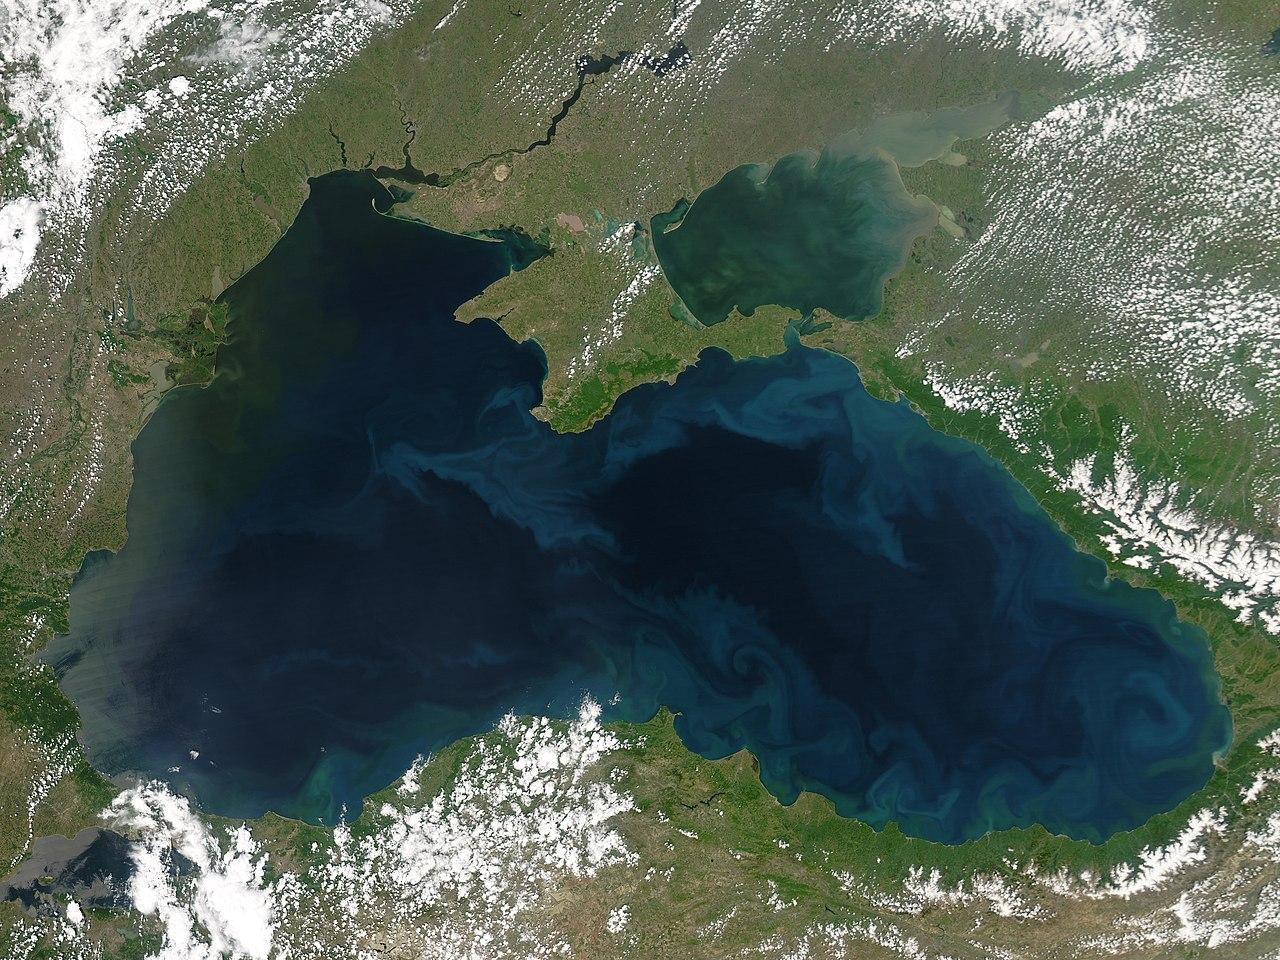 File:Black Sea Nasa May 25 2004.jpg - Wikipedia